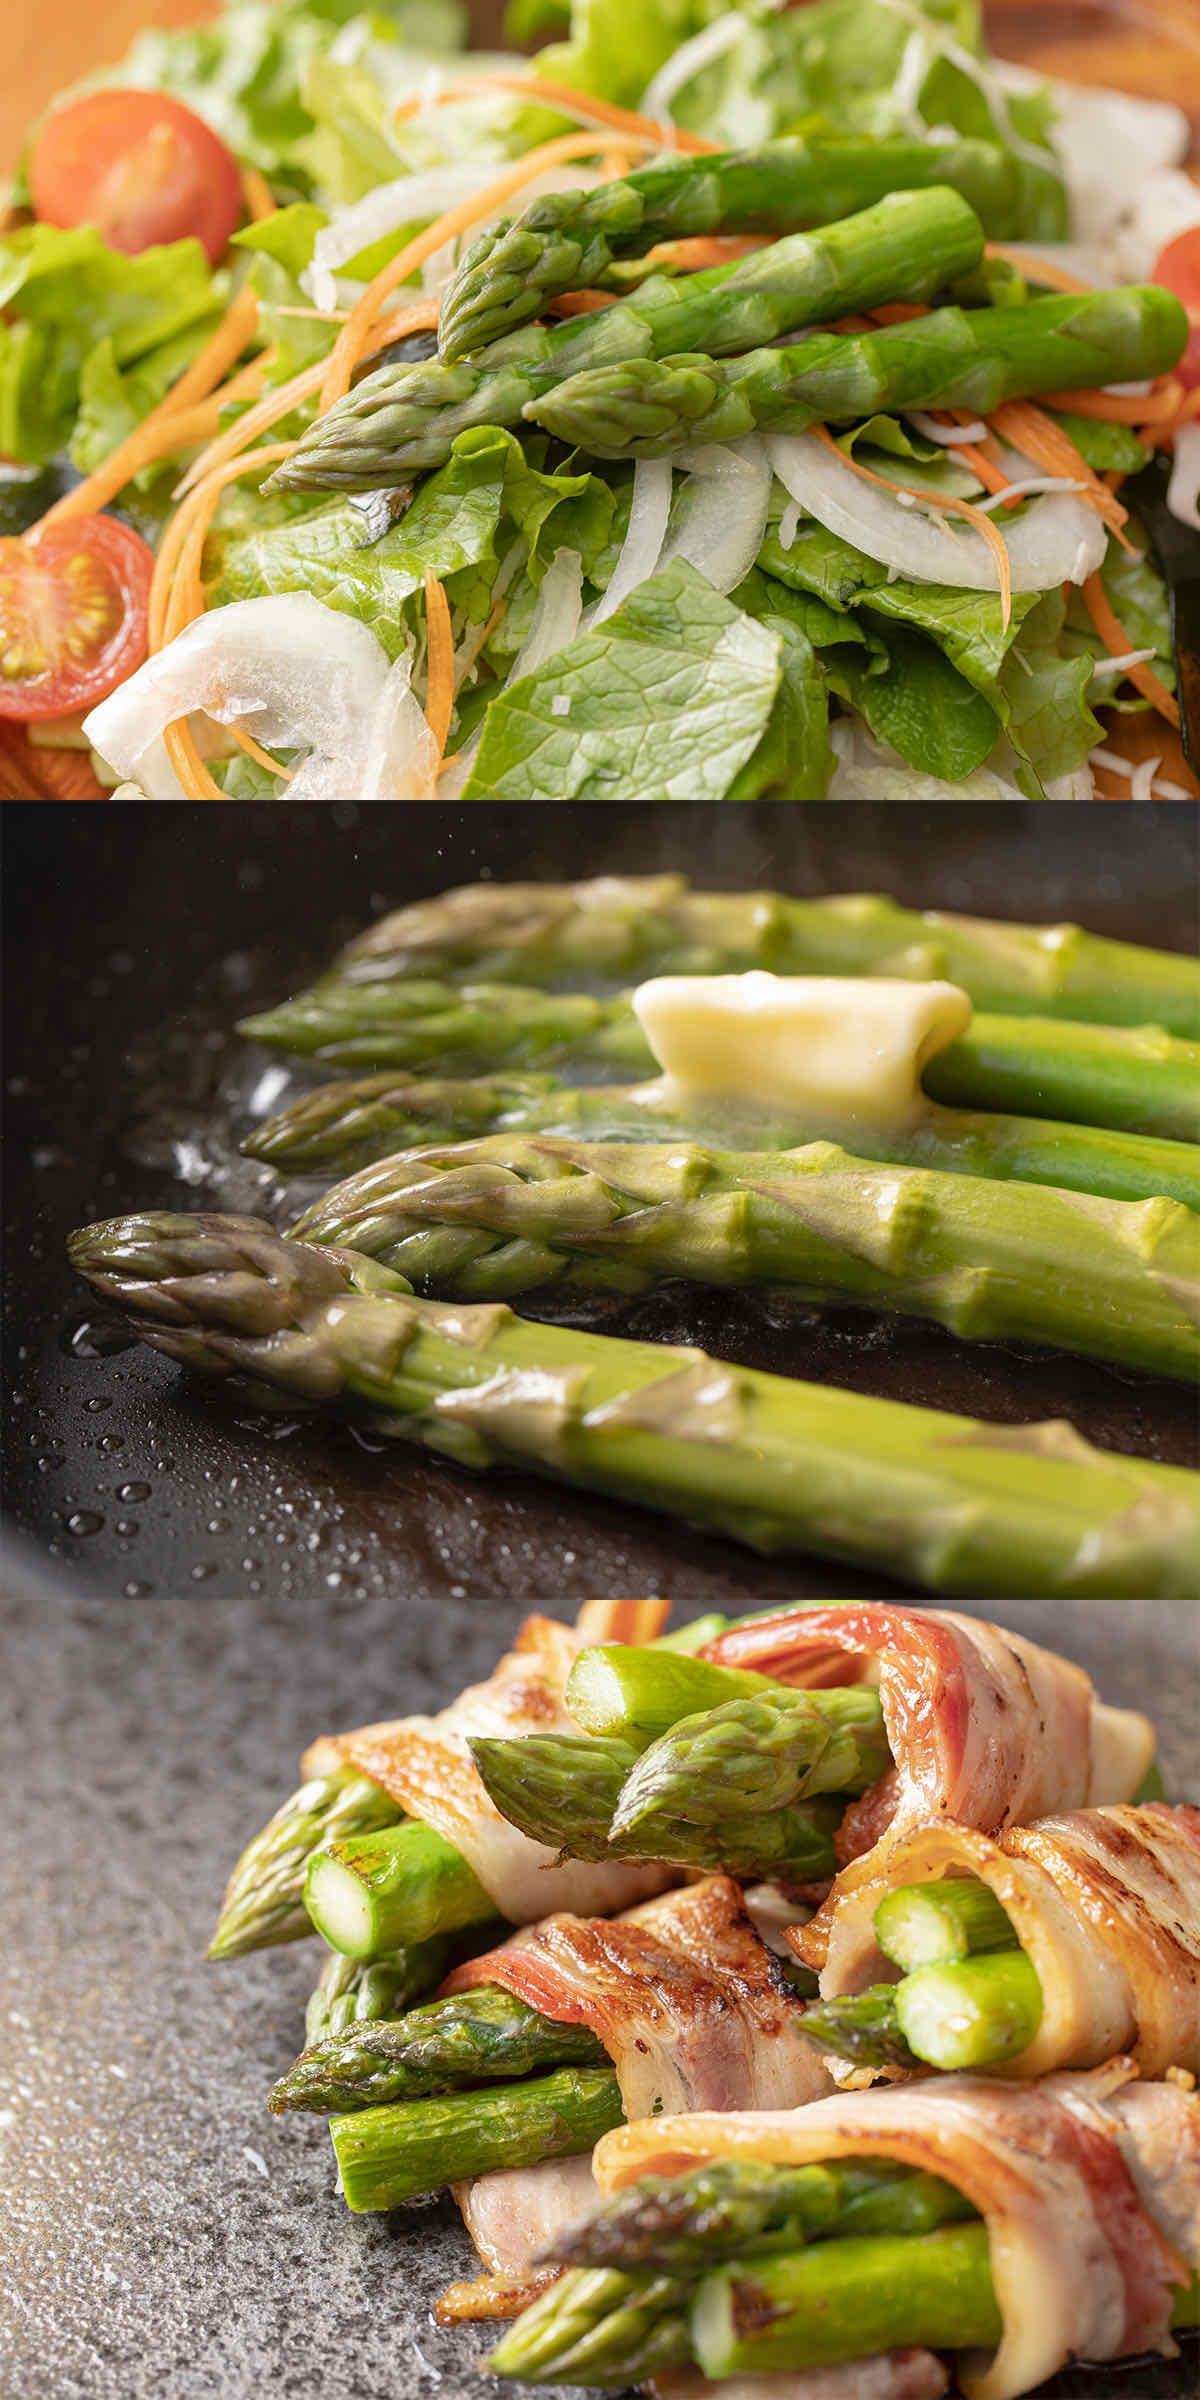 北海道産グリーンアスパラのサラダ,極太アスパラのバター焼き,アスパラのベーコン巻き,アスパラベーコン